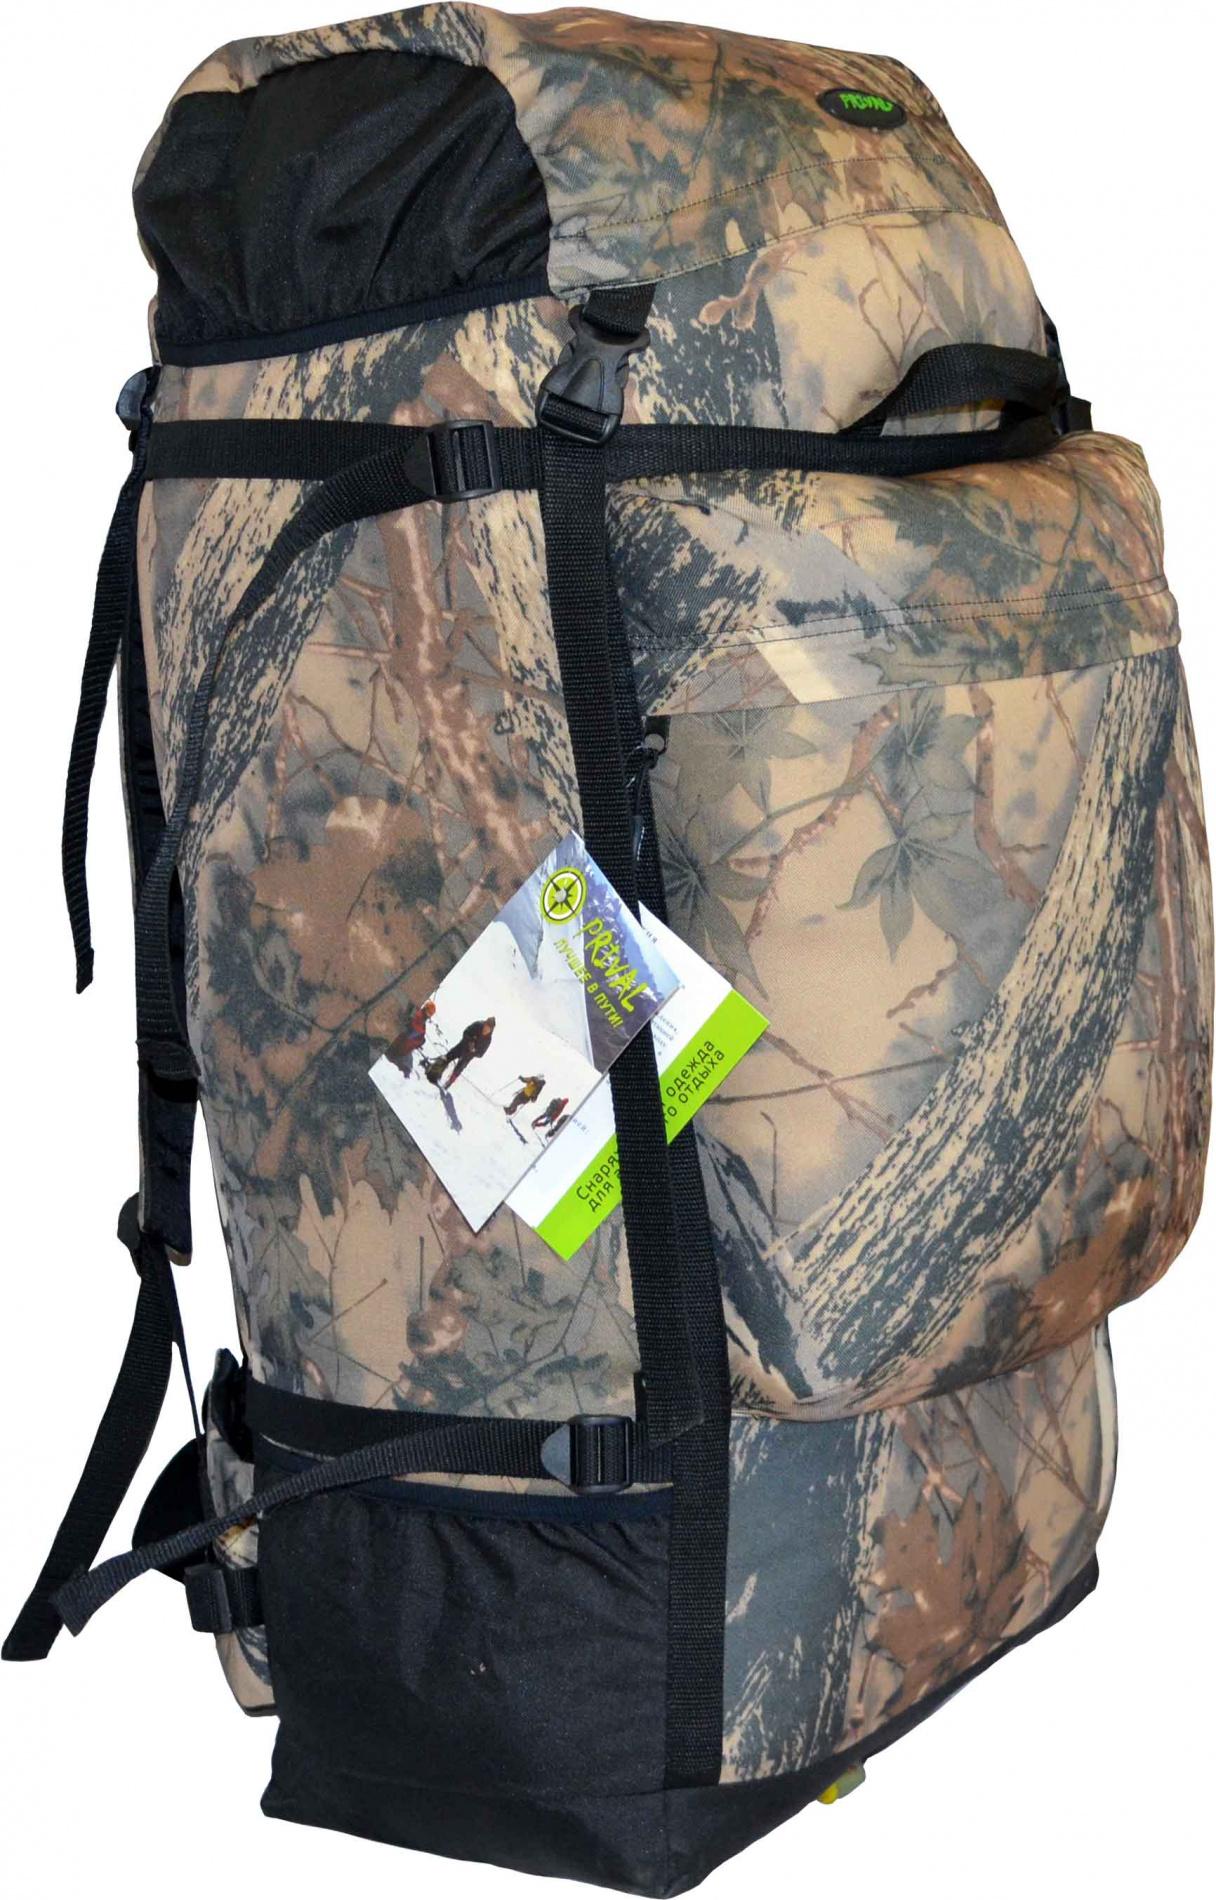 Рюкзак Михалыч PRIVAL 90л (кмф)Рюкзаки<br>Универсальный, легкий и объемный рюкзак. <br>Прекрасный выбор для любителей охоты, рыбалки <br>или начинающих путешественников. Минимальный <br>вес, регулируемый клапан, две ручки для <br>транспортировки, большой фронтальный карман <br>и боковые кармашки для длинномерных предметов <br>дополнят комфорт при эксплуатации. Регулировка <br>подвесной системы максимально проста, а <br>широкий поясной ремень фиксируется на бедрах, <br>распределяя до 80 процентов нагрузки. Компрессионные <br>стяжки по бокам позволяют регулировать <br>объем. Назначение: Туризм, рыбалка, охота <br>Число лямок: 2 Тип конструкции: Мягкий Грудная <br>стяжка: Есть Поясной ремень: Есть Боковая <br>стяжка: Нет Клапан: Есть; съемный; без кармана <br>Ткань: Poly Oxford 600D PU RipStop; Polyester 1000D Объём, л: <br>70; 90 Фурнитура: ABS пластик; застежка молния <br>№ 10 Вес, кг: 0,76; 1 Цвет: Камуфляж, Хаки<br><br>Пол: унисекс